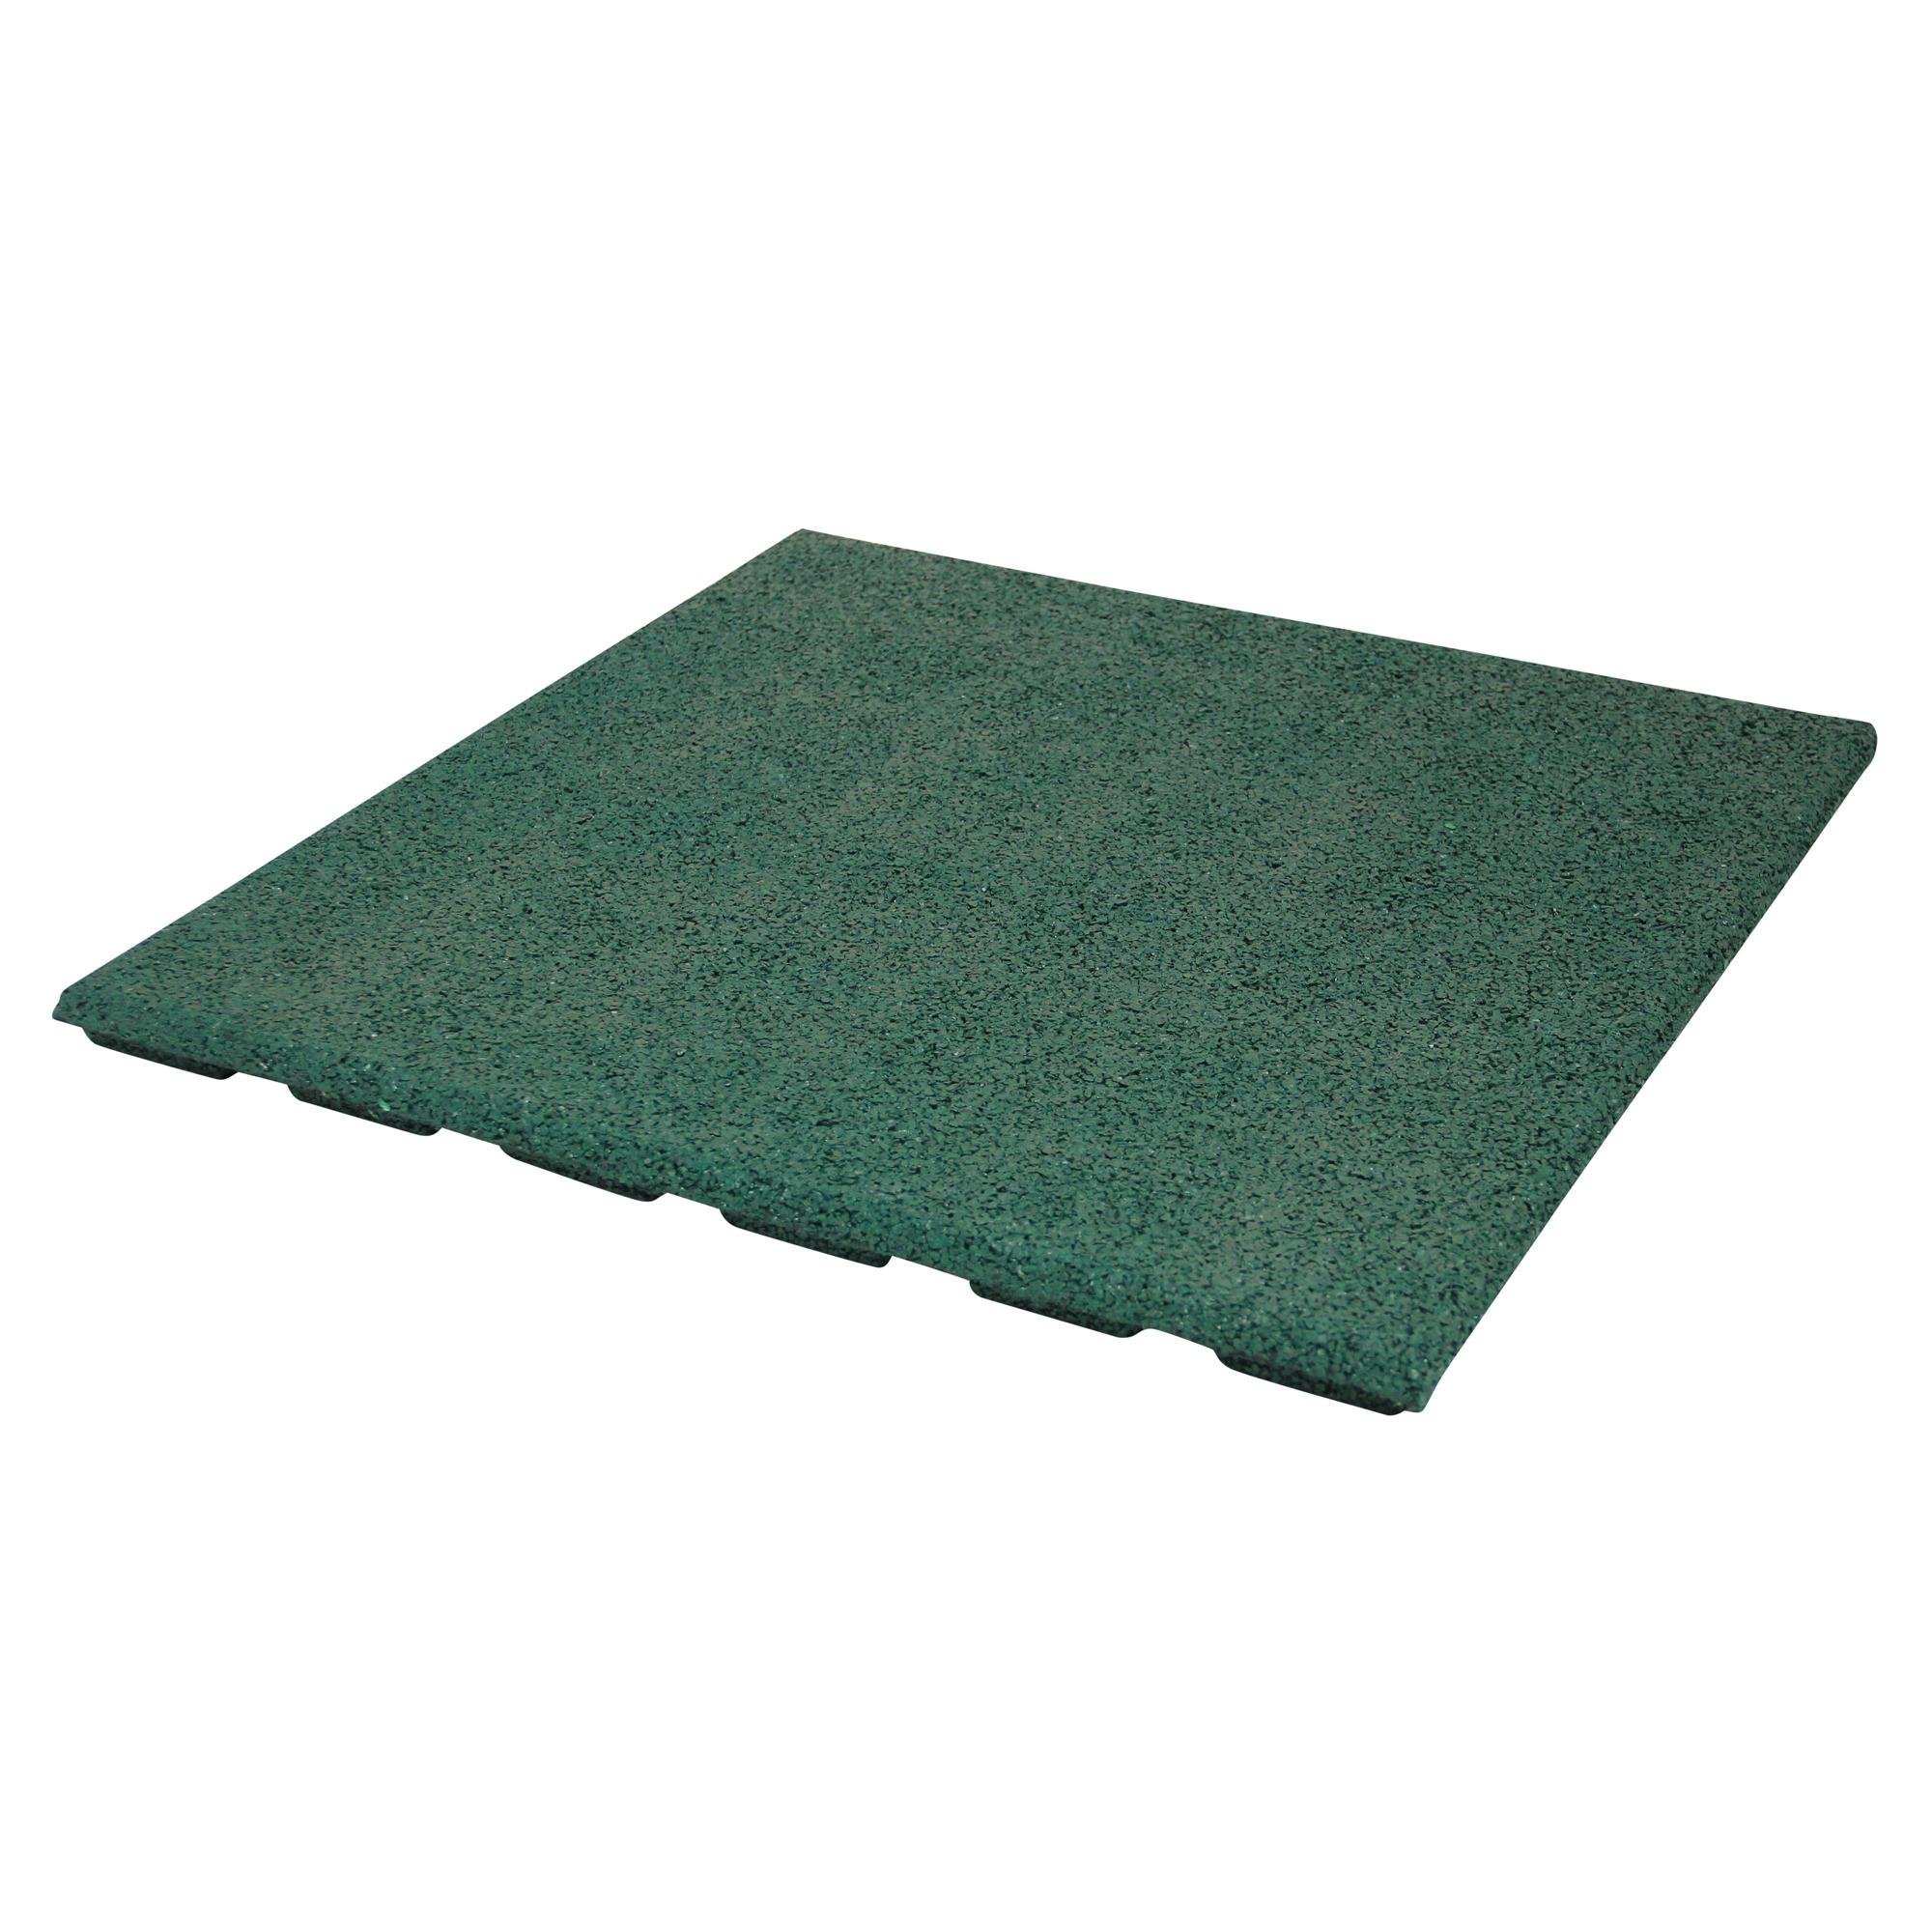 dalle en caoutchouc 50x50x2 5 cm vert carrelages. Black Bedroom Furniture Sets. Home Design Ideas